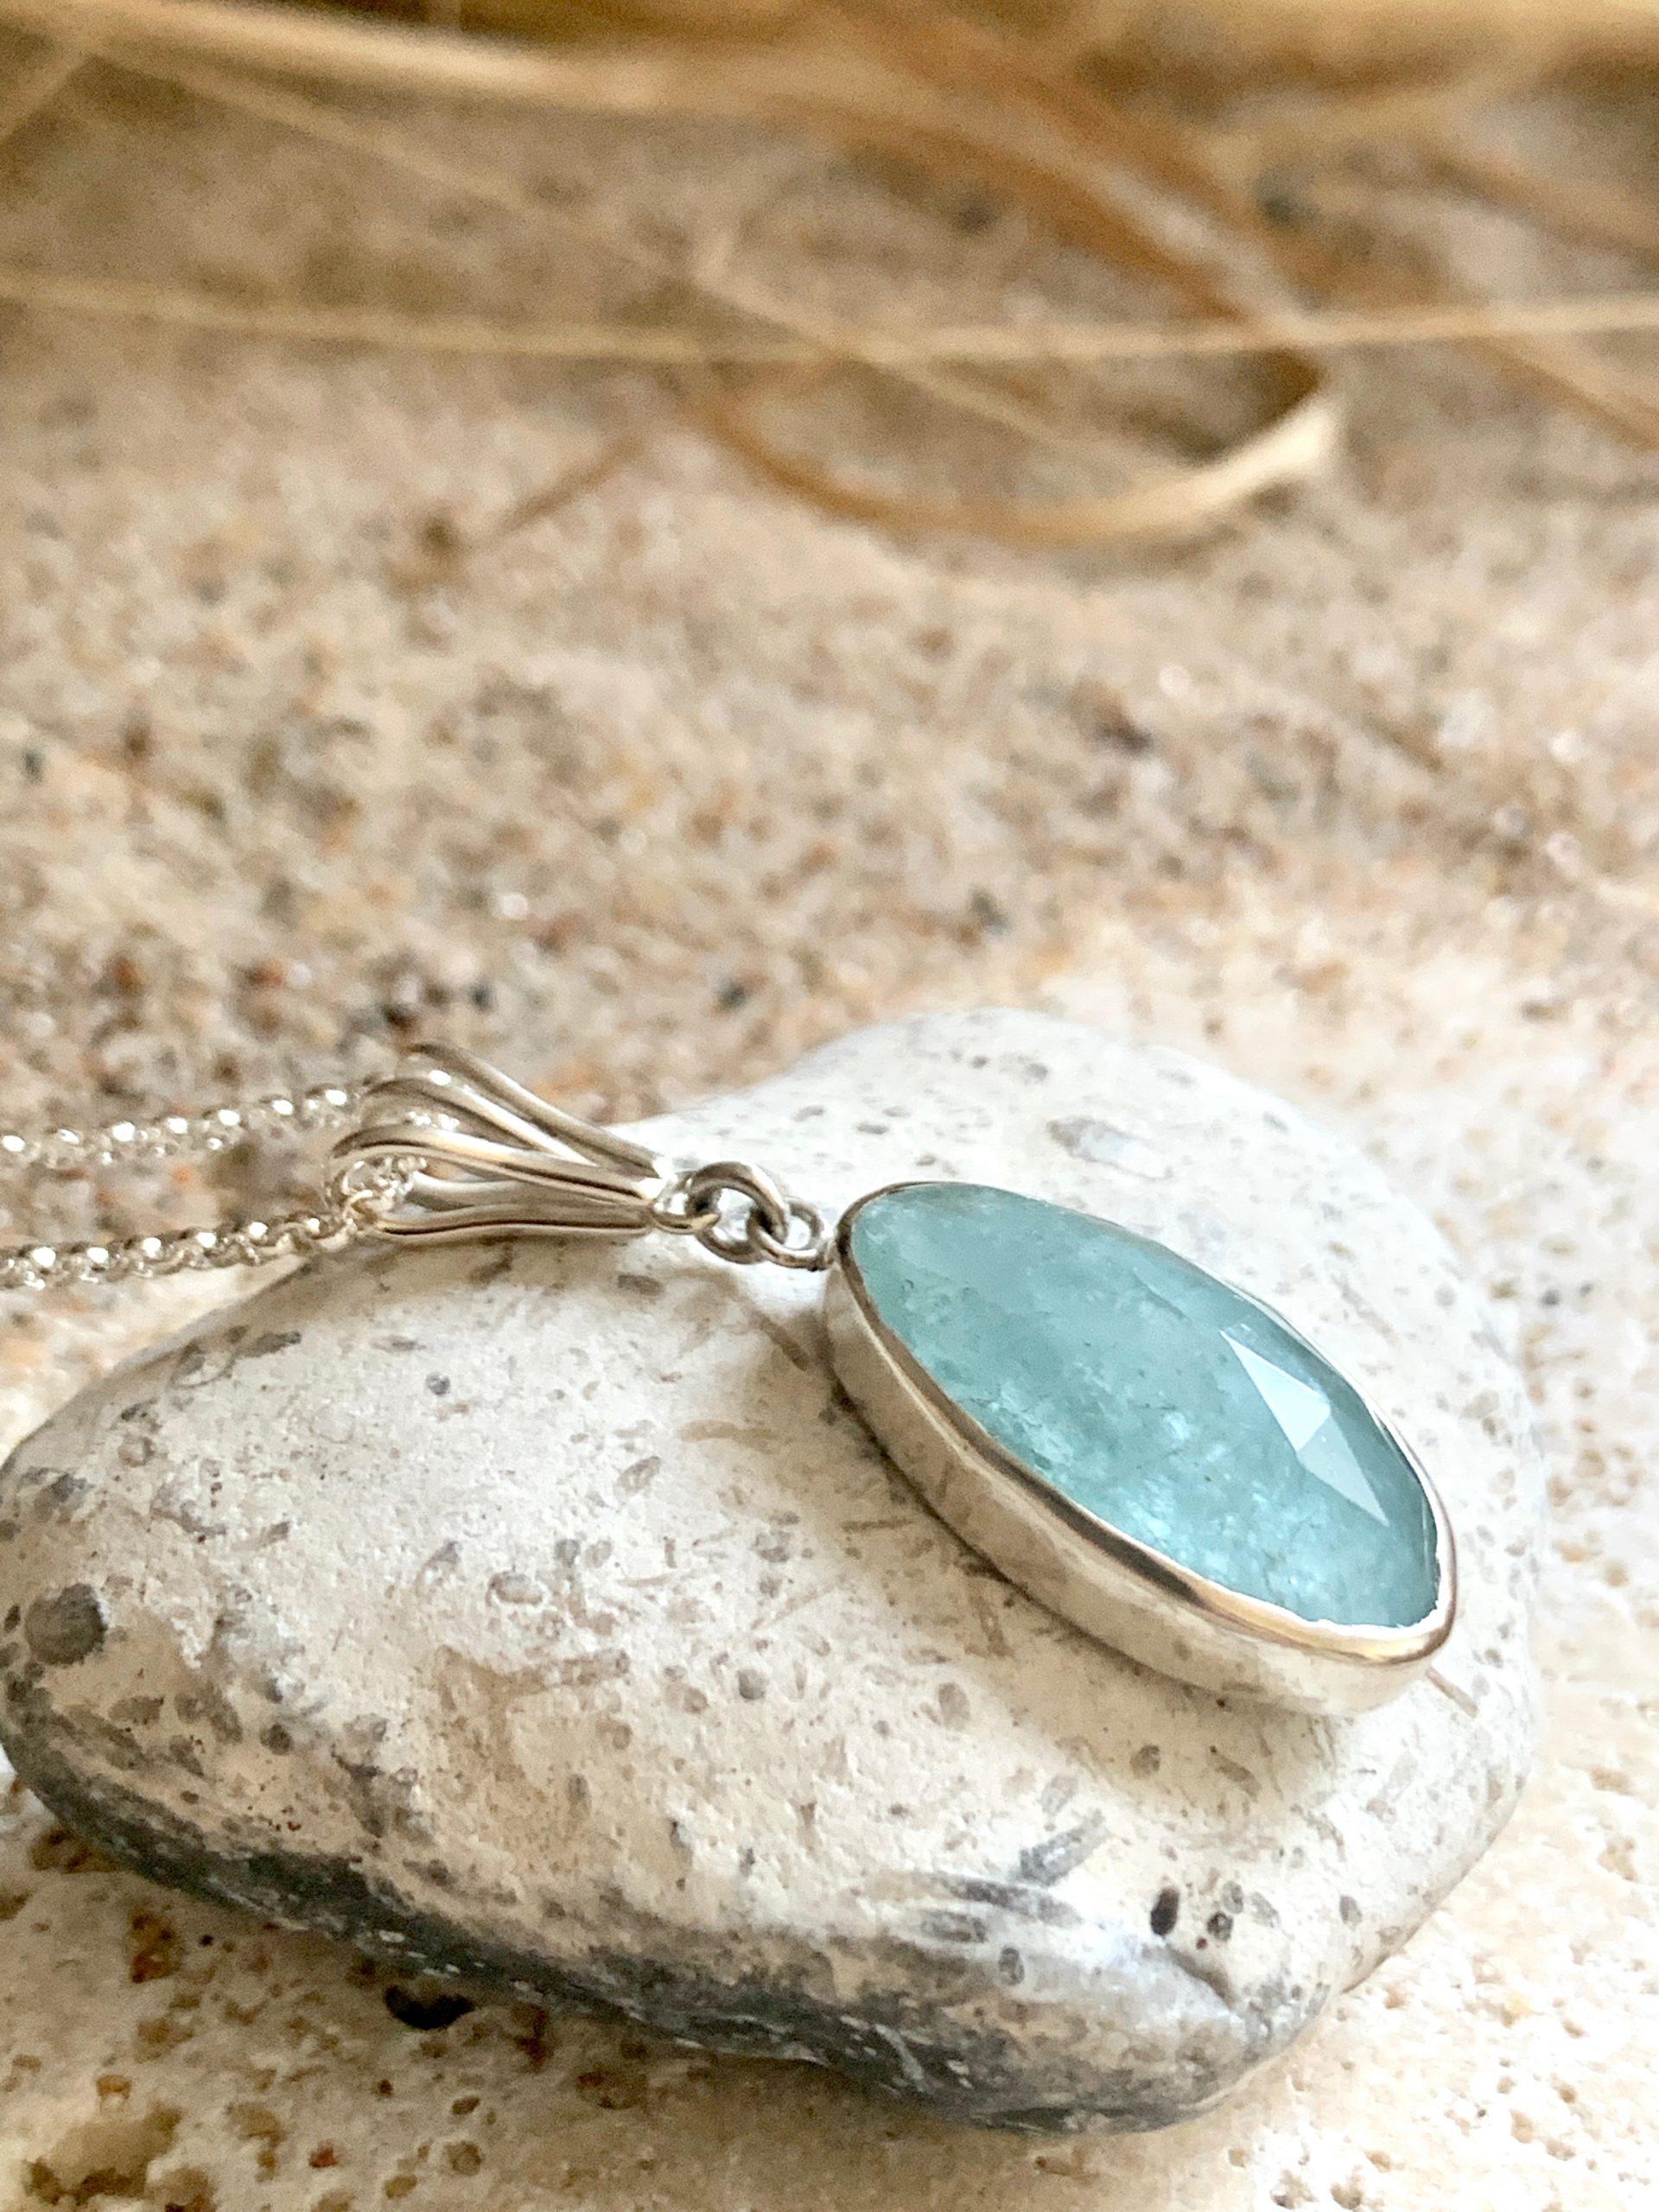 Sunshine Aquamarine necklace OAK no 4